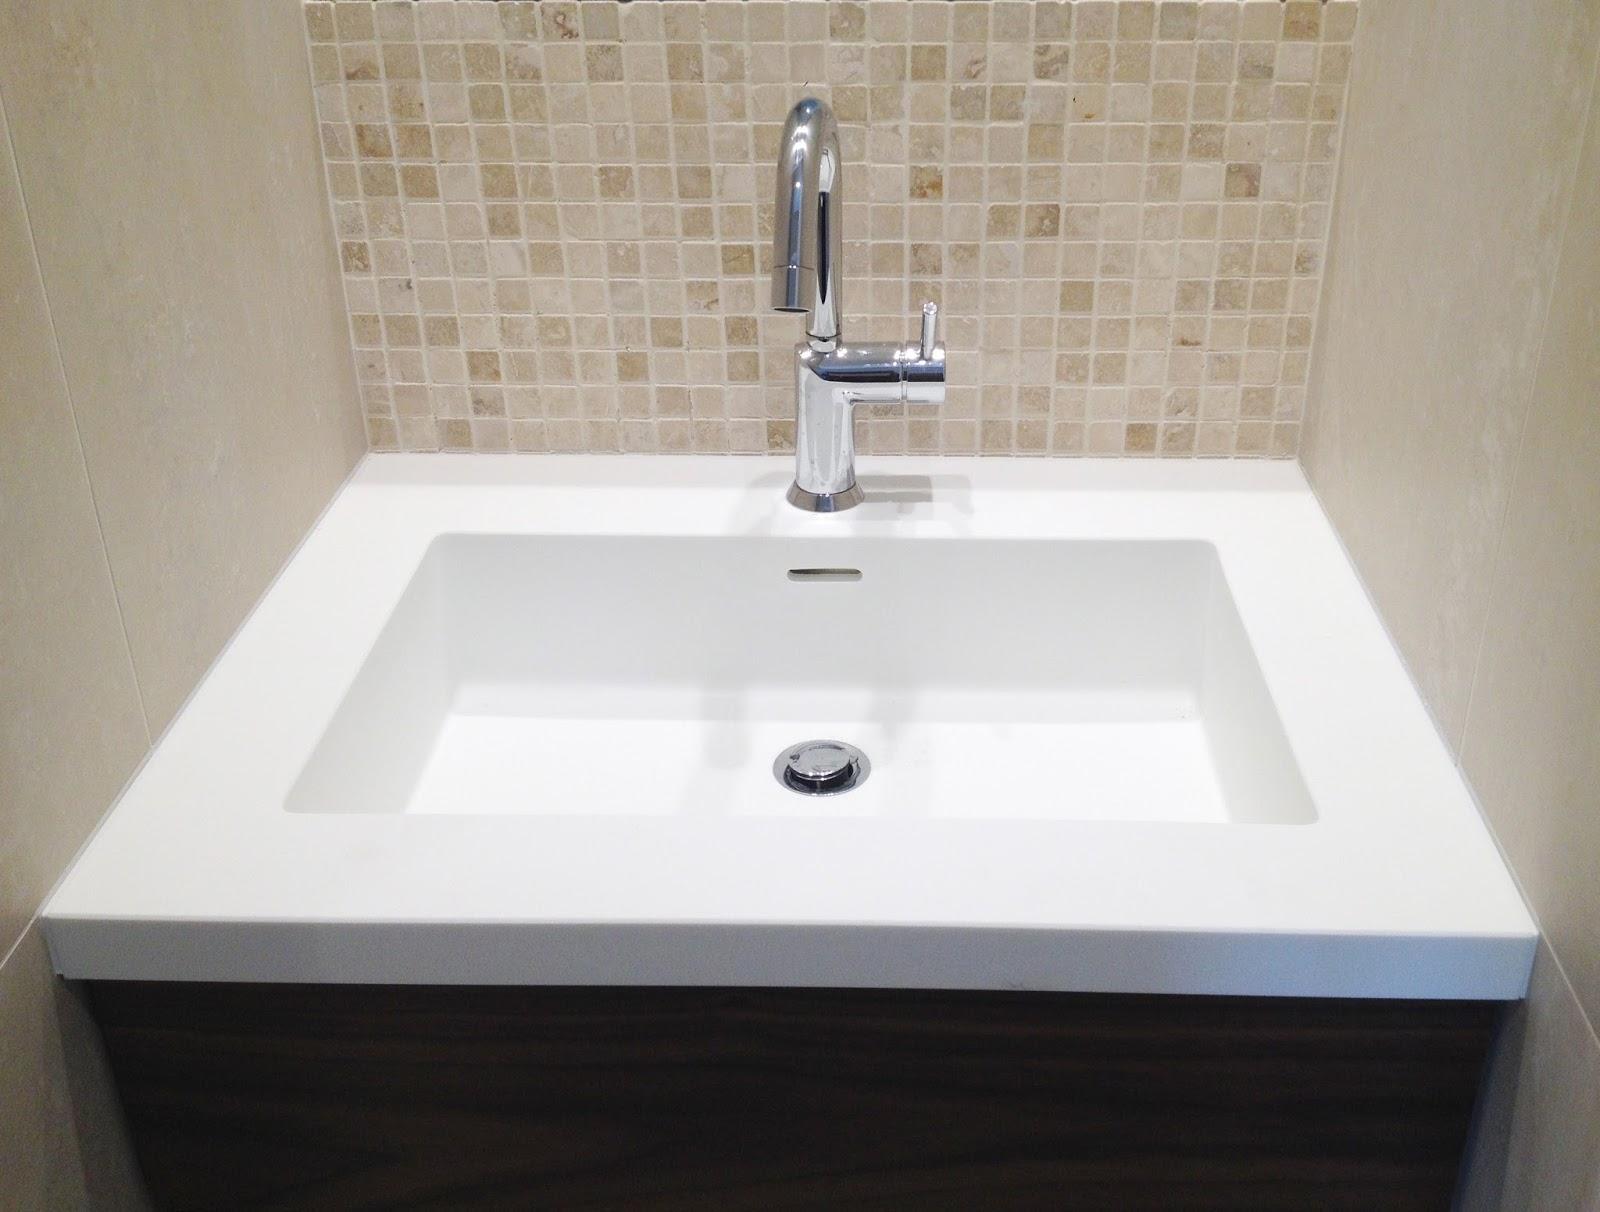 cr ation d 39 une salle de douche et pose d 39 un meuble lavabo dans la salle de bains nogent sur. Black Bedroom Furniture Sets. Home Design Ideas